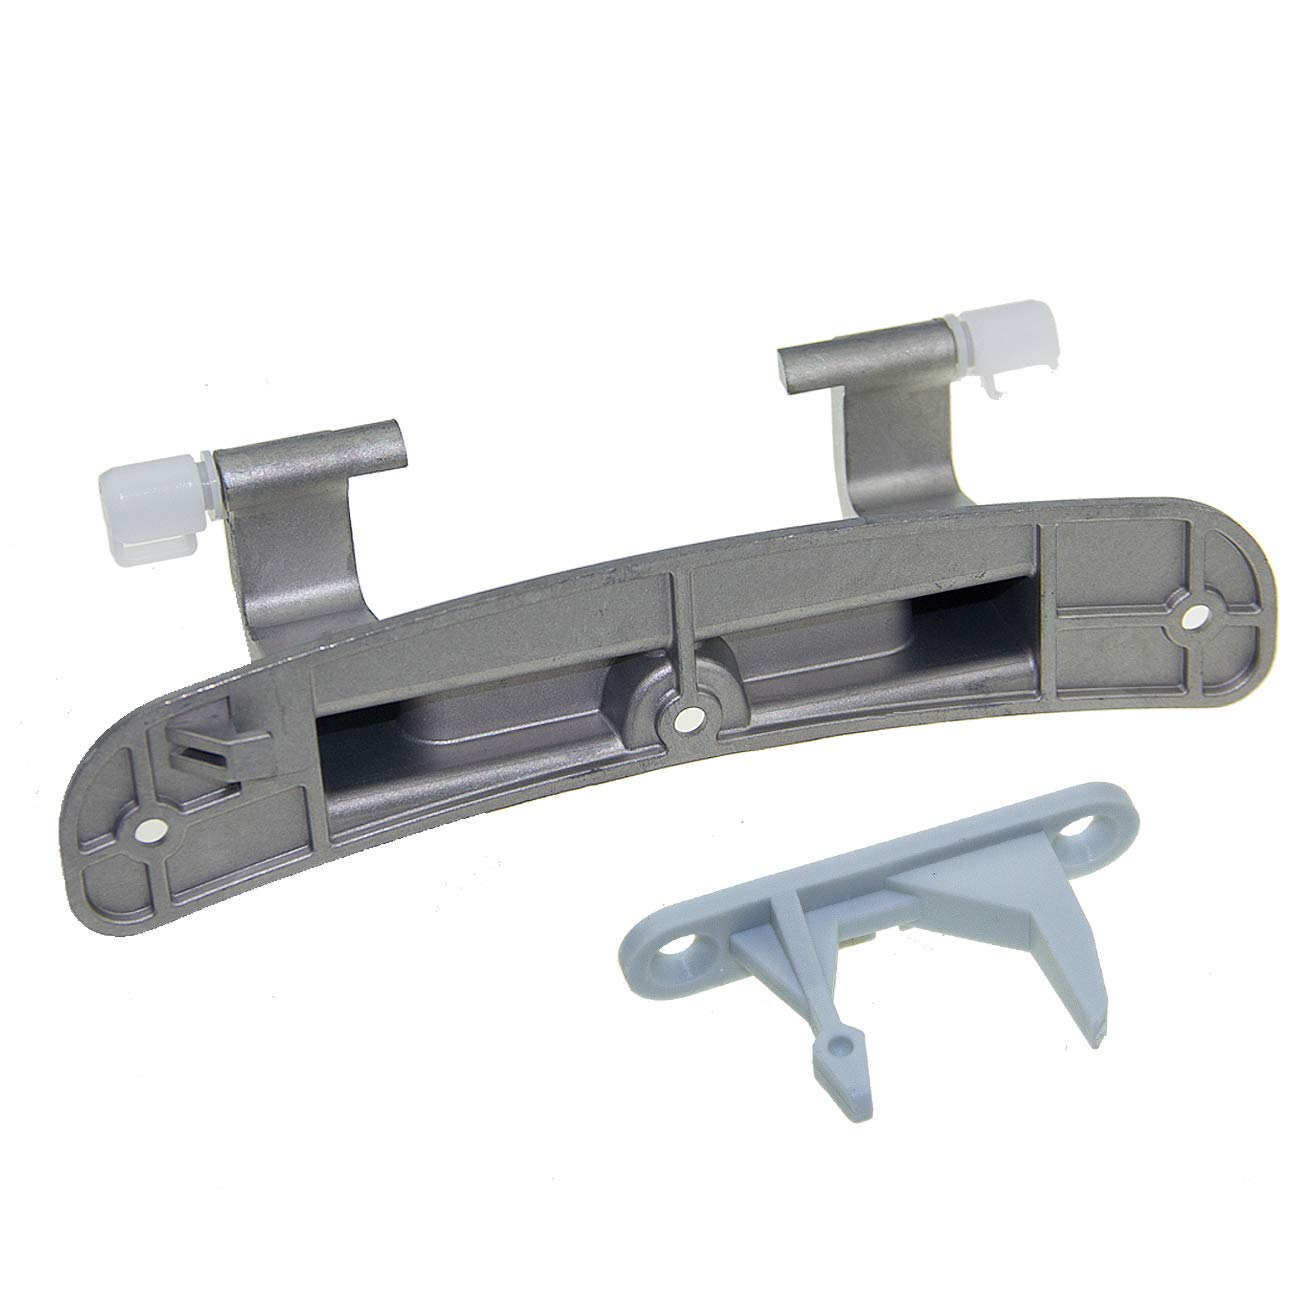 134550800 Door Hinge For Frigidaire Kenmore Washer PS1152380 & 131763310 Door Striker Washer Replacement Part for Frigidaire, Kenmore, Electrolux, Crosley 61zwaAw1JJL